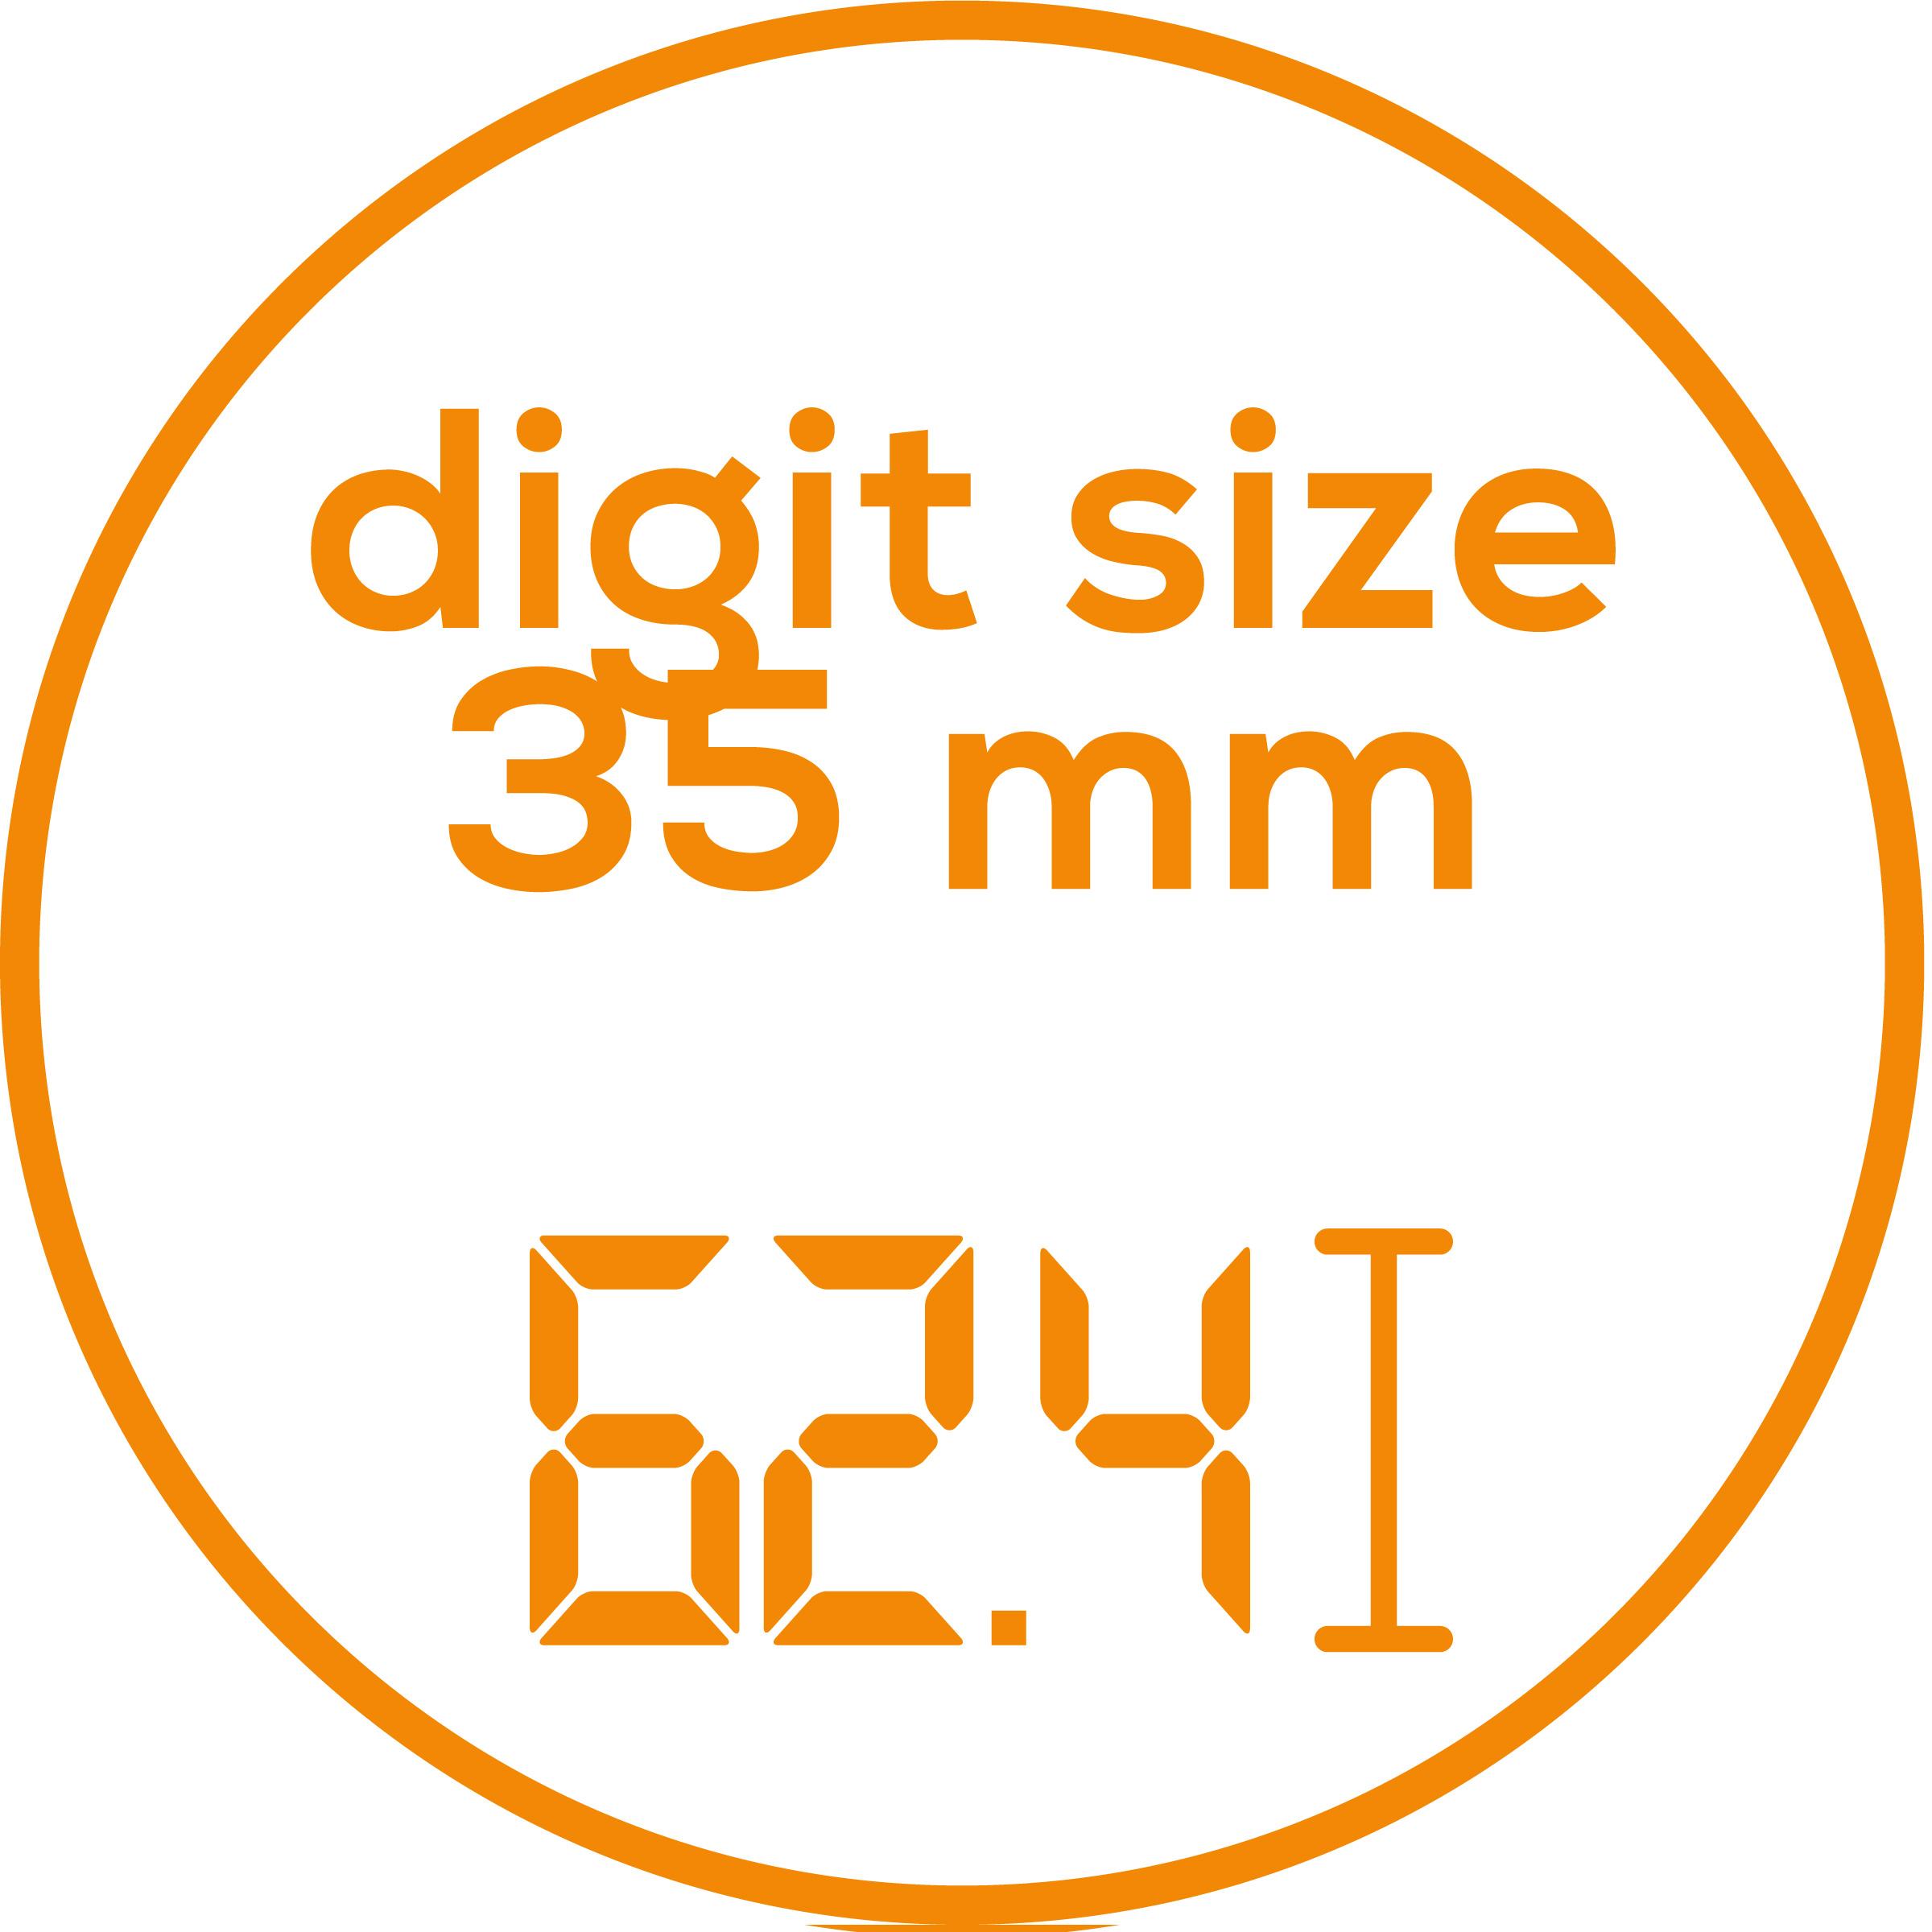 Zifferngröße Zifferngröße: 35 mm